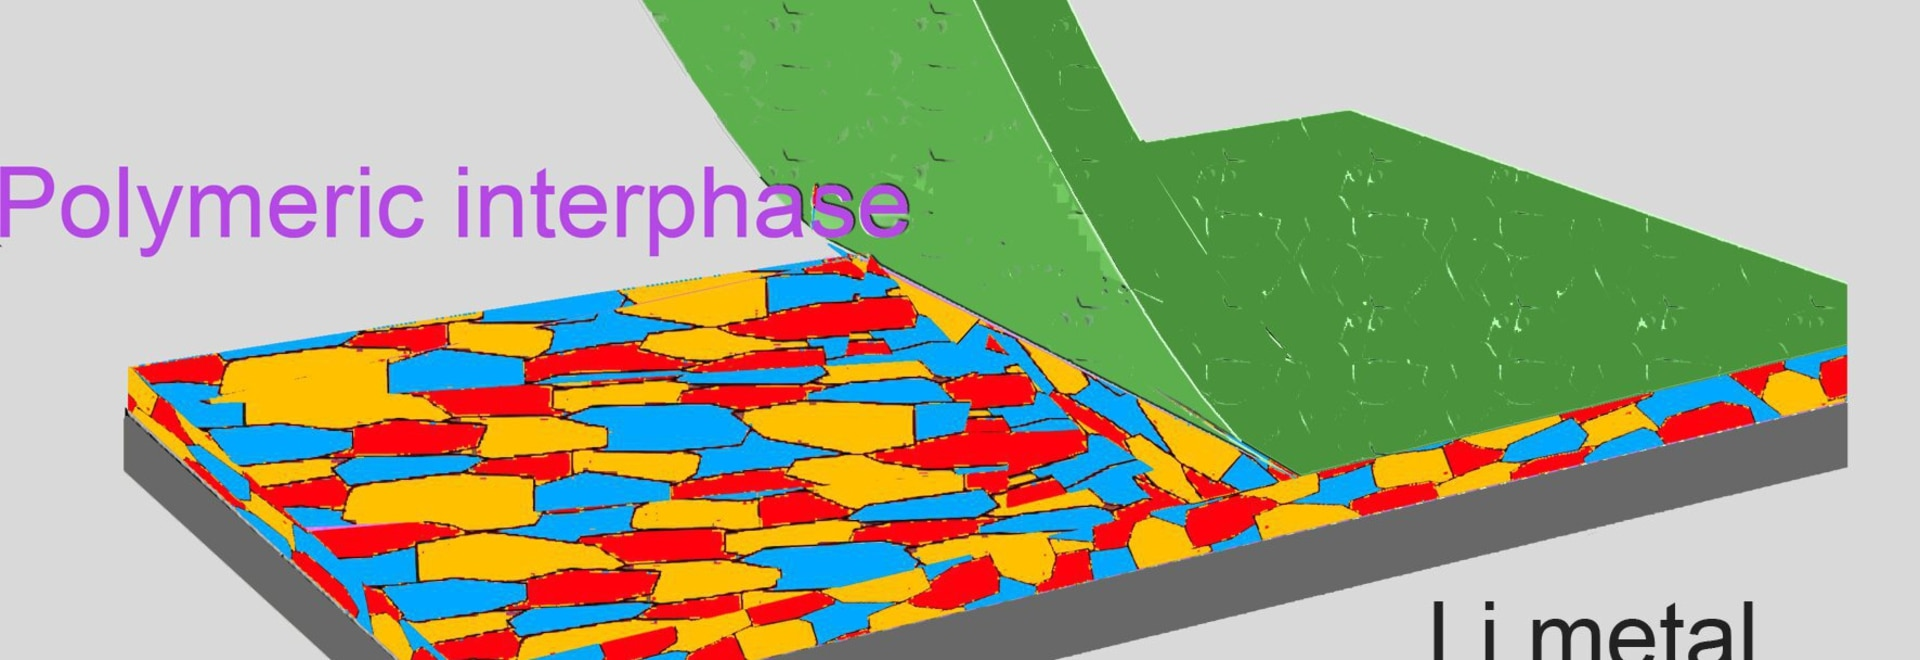 Neue Zwischenphase verbessert Leistung, Sicherheit von Lithium-Metallbatterien